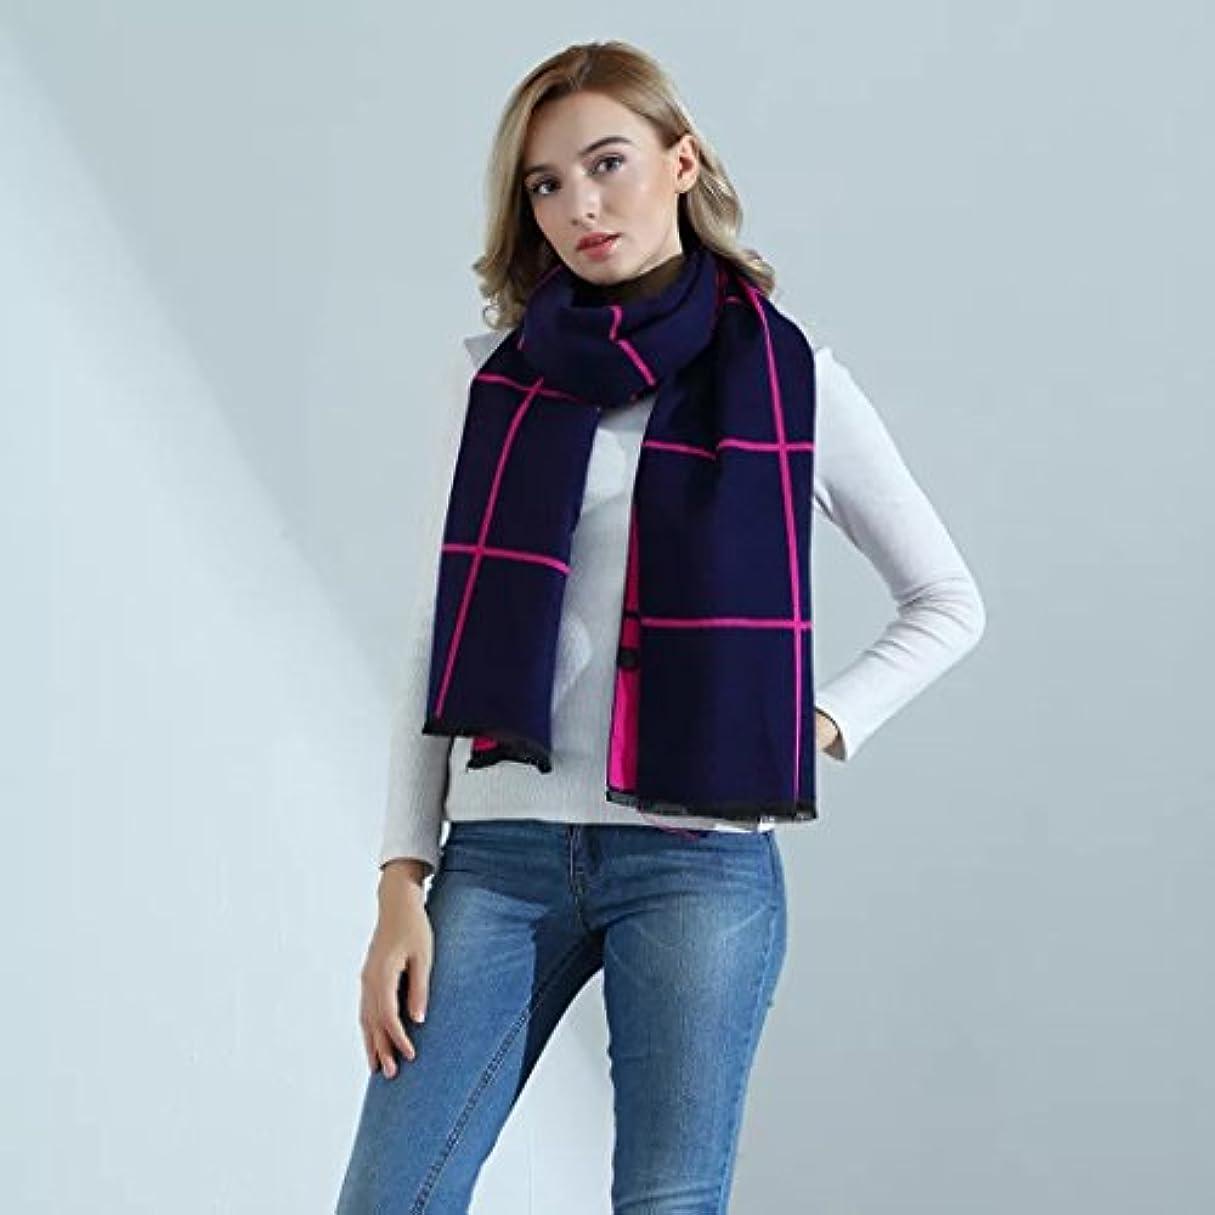 ブリーフケース三お手入れSunshine Everydayファッションシンプルロング冬ストライプ格子柄ショールスカーフ厚み付け暖かいスカーフ 74.8